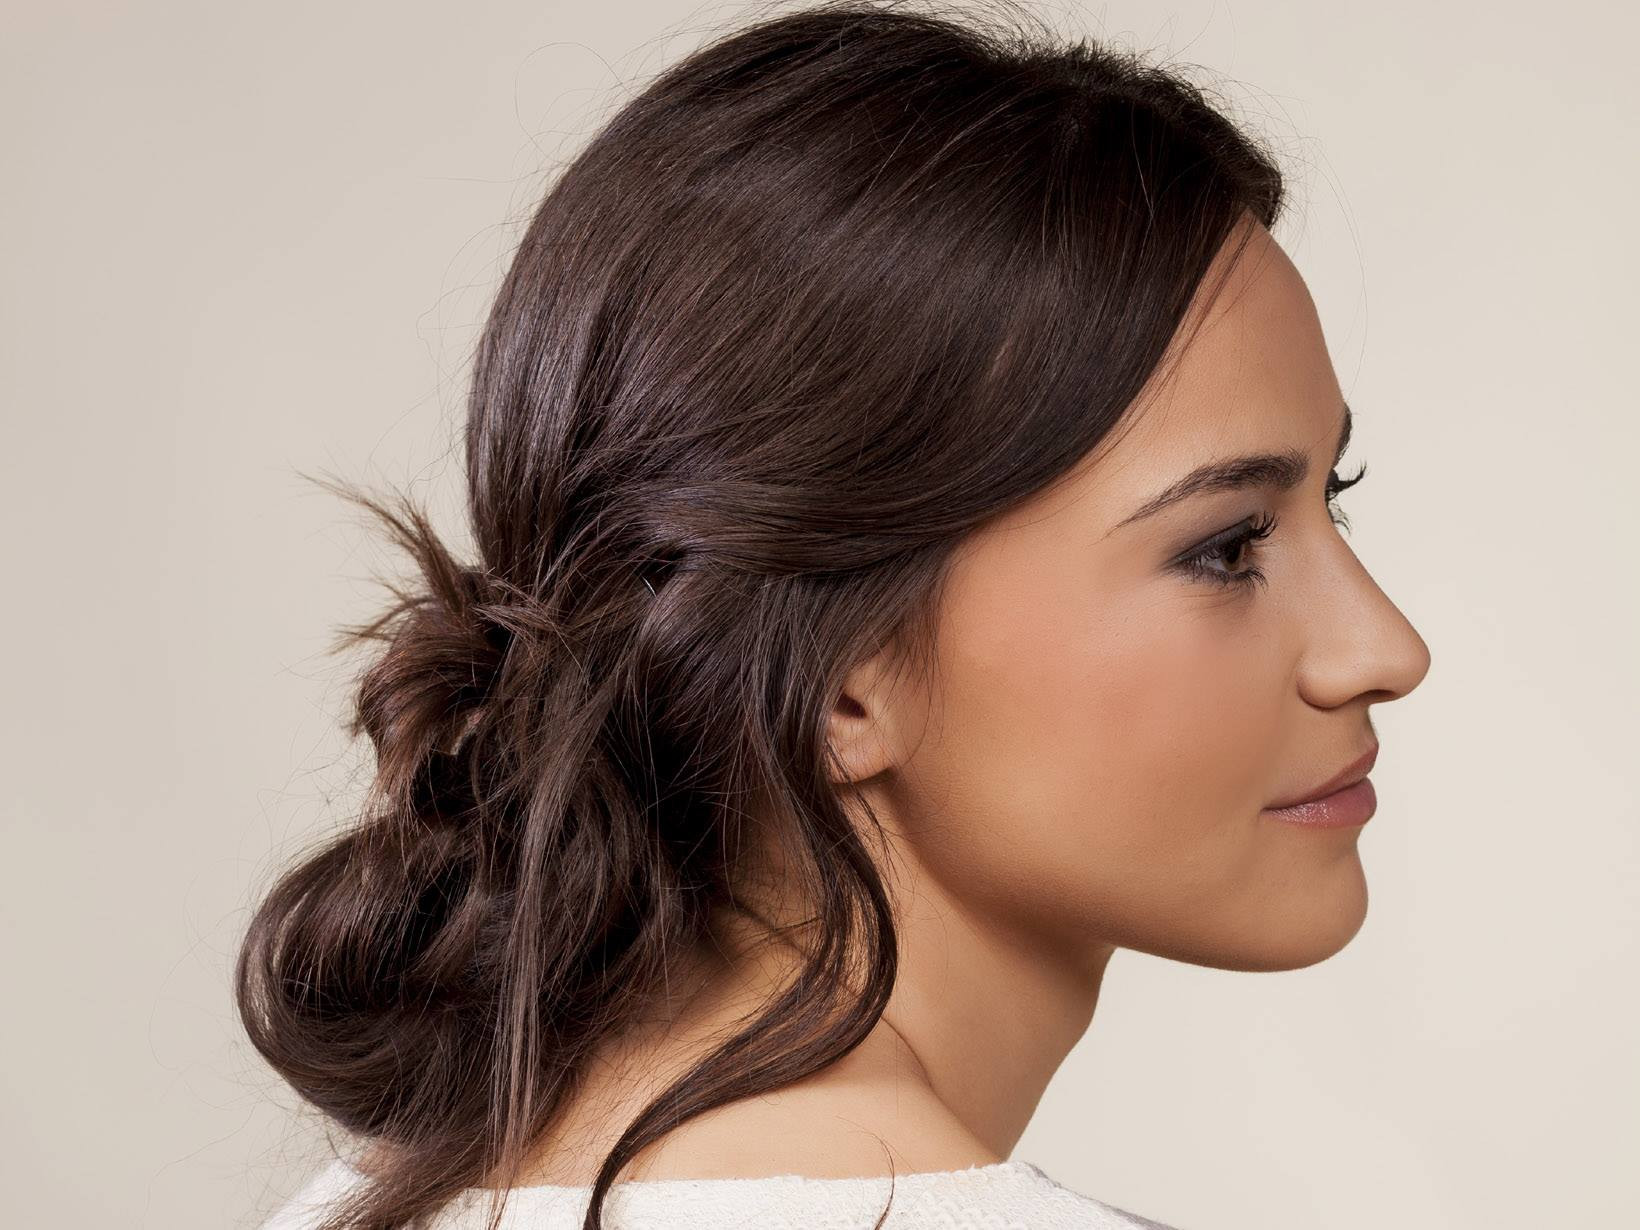 Frisuren Mit Haarspangen  Abiball Frisuren für jede Haarlänge und jeden Typ